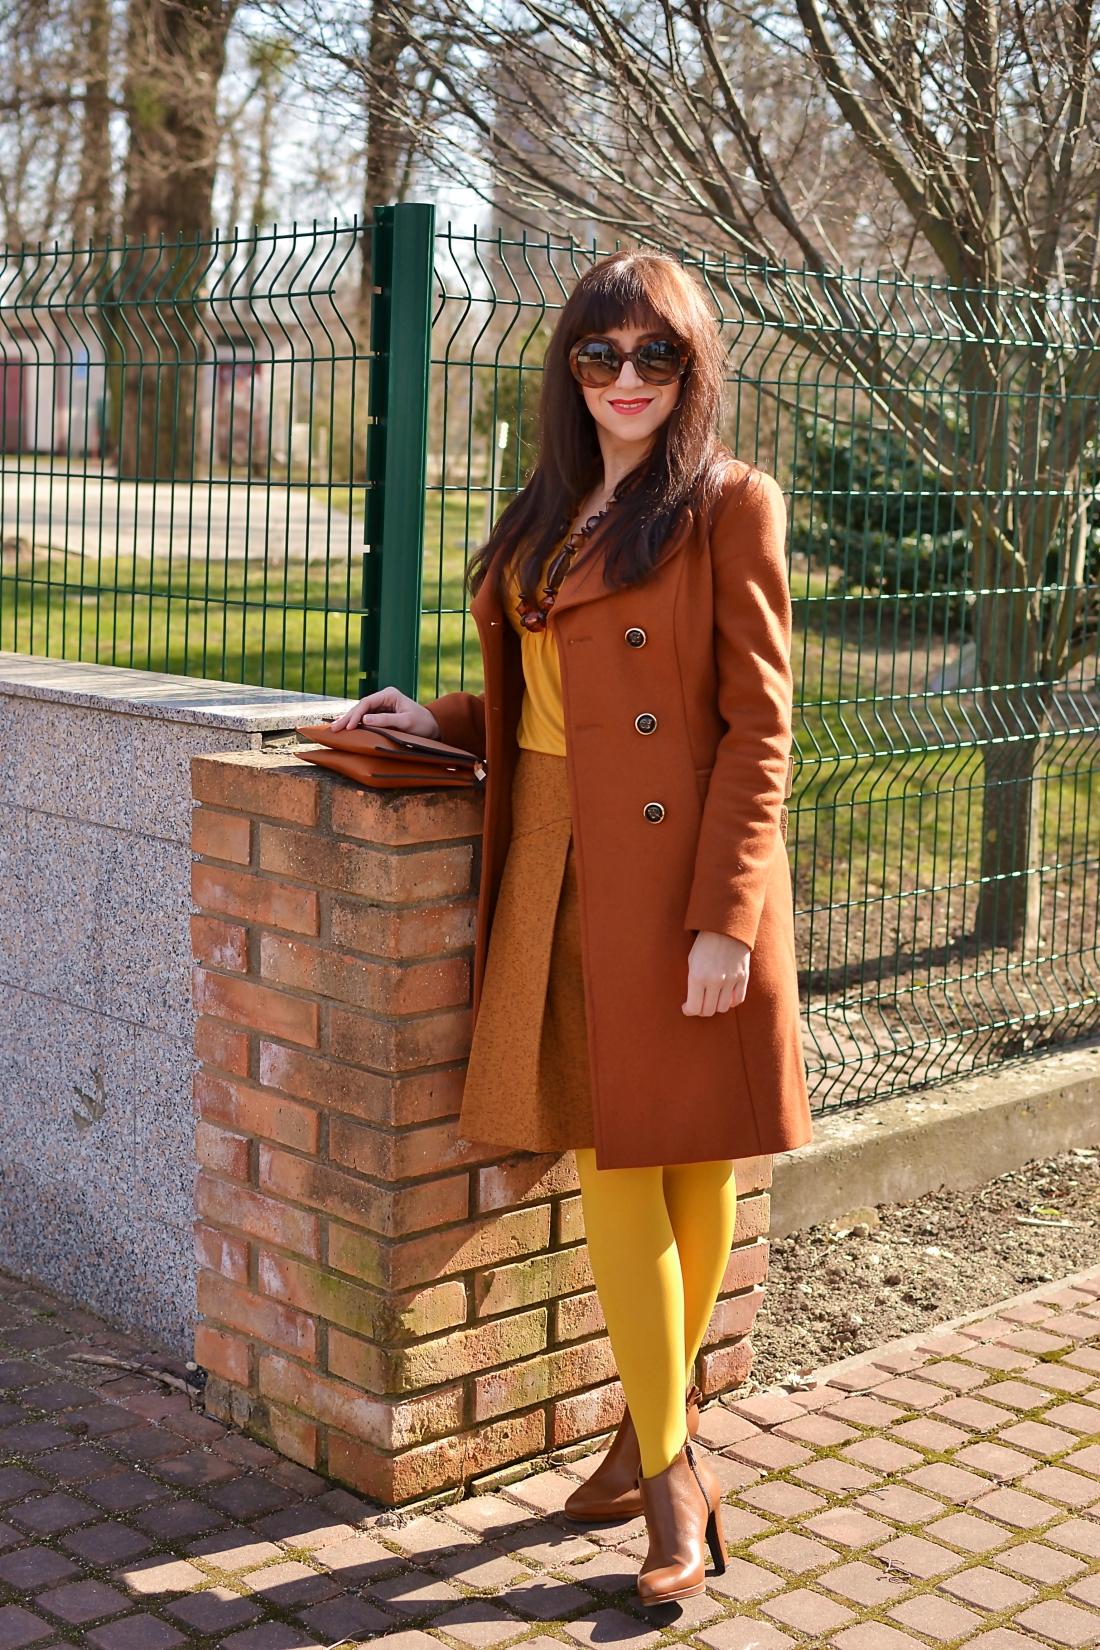 Založené 2014_Katharine-fashion is beautiful_blog 2_Dunajský pivovar_Žlté pančuchy_Hnedý kabát_Koňaková skladaná sukňa_Katarína Jakubčová_Fashion blogger_Outfit